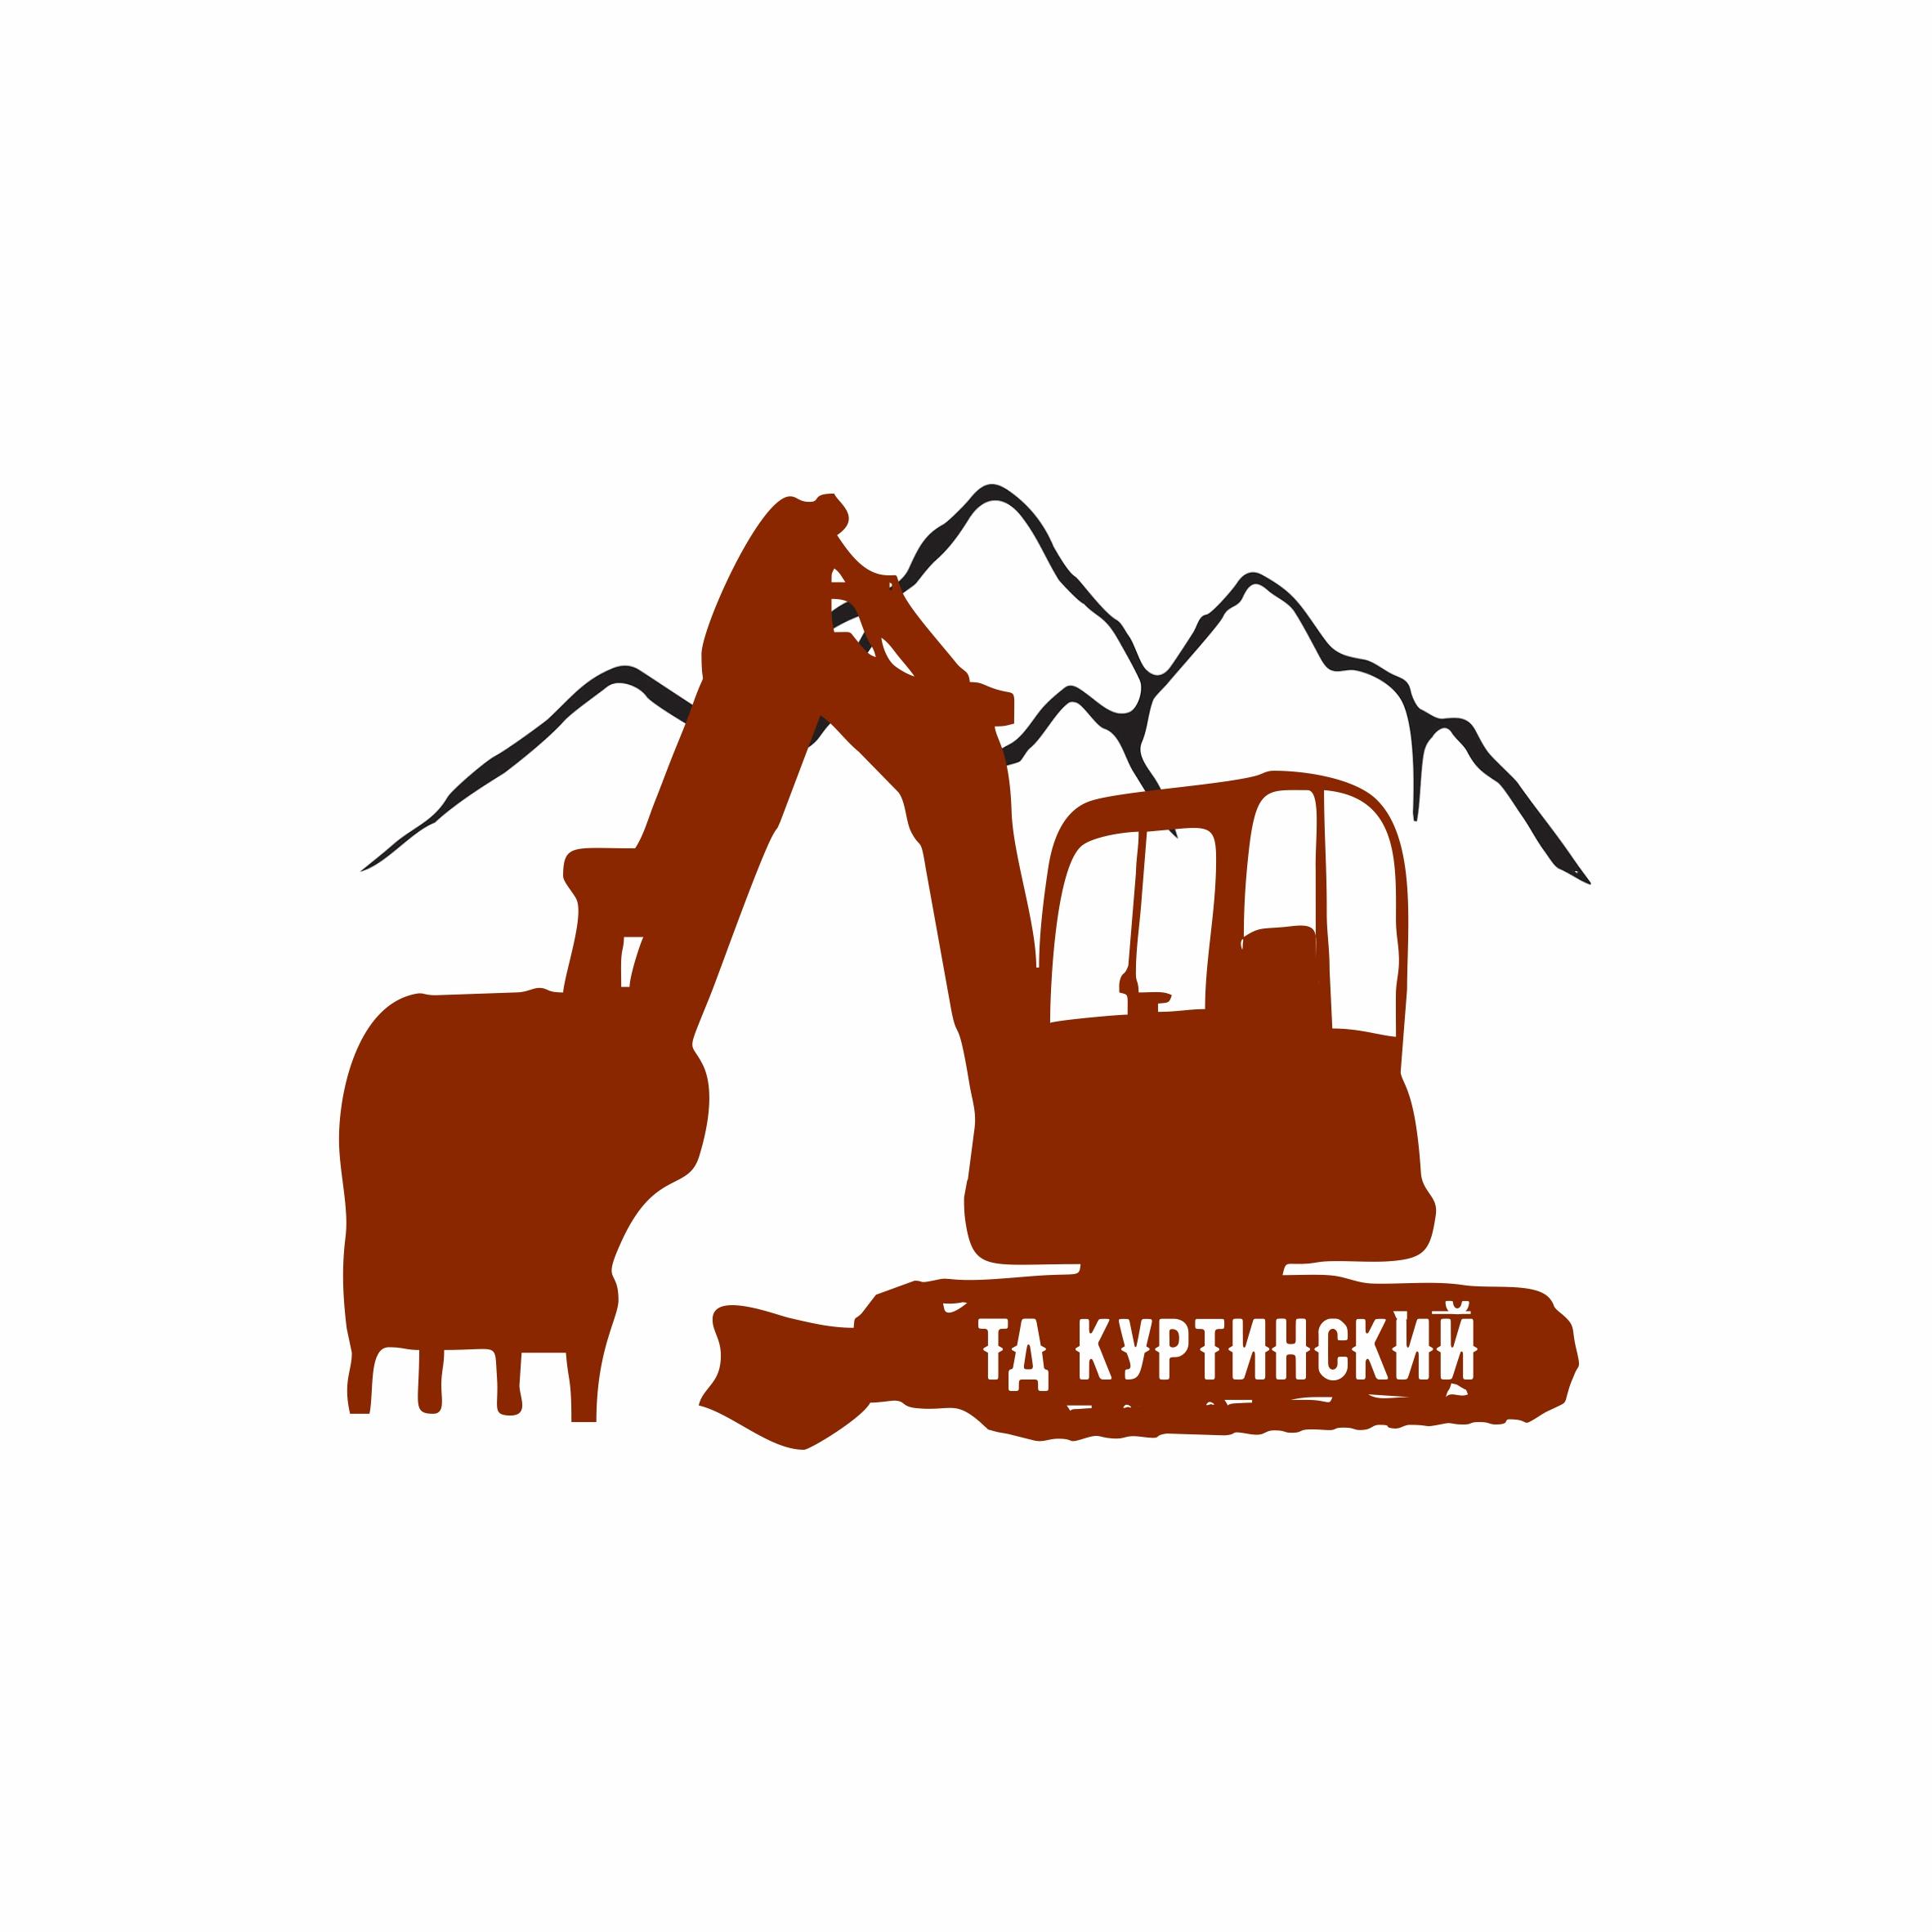 Логотип для камнедобывающей компании фото f_5435b9957c2ec957.jpg